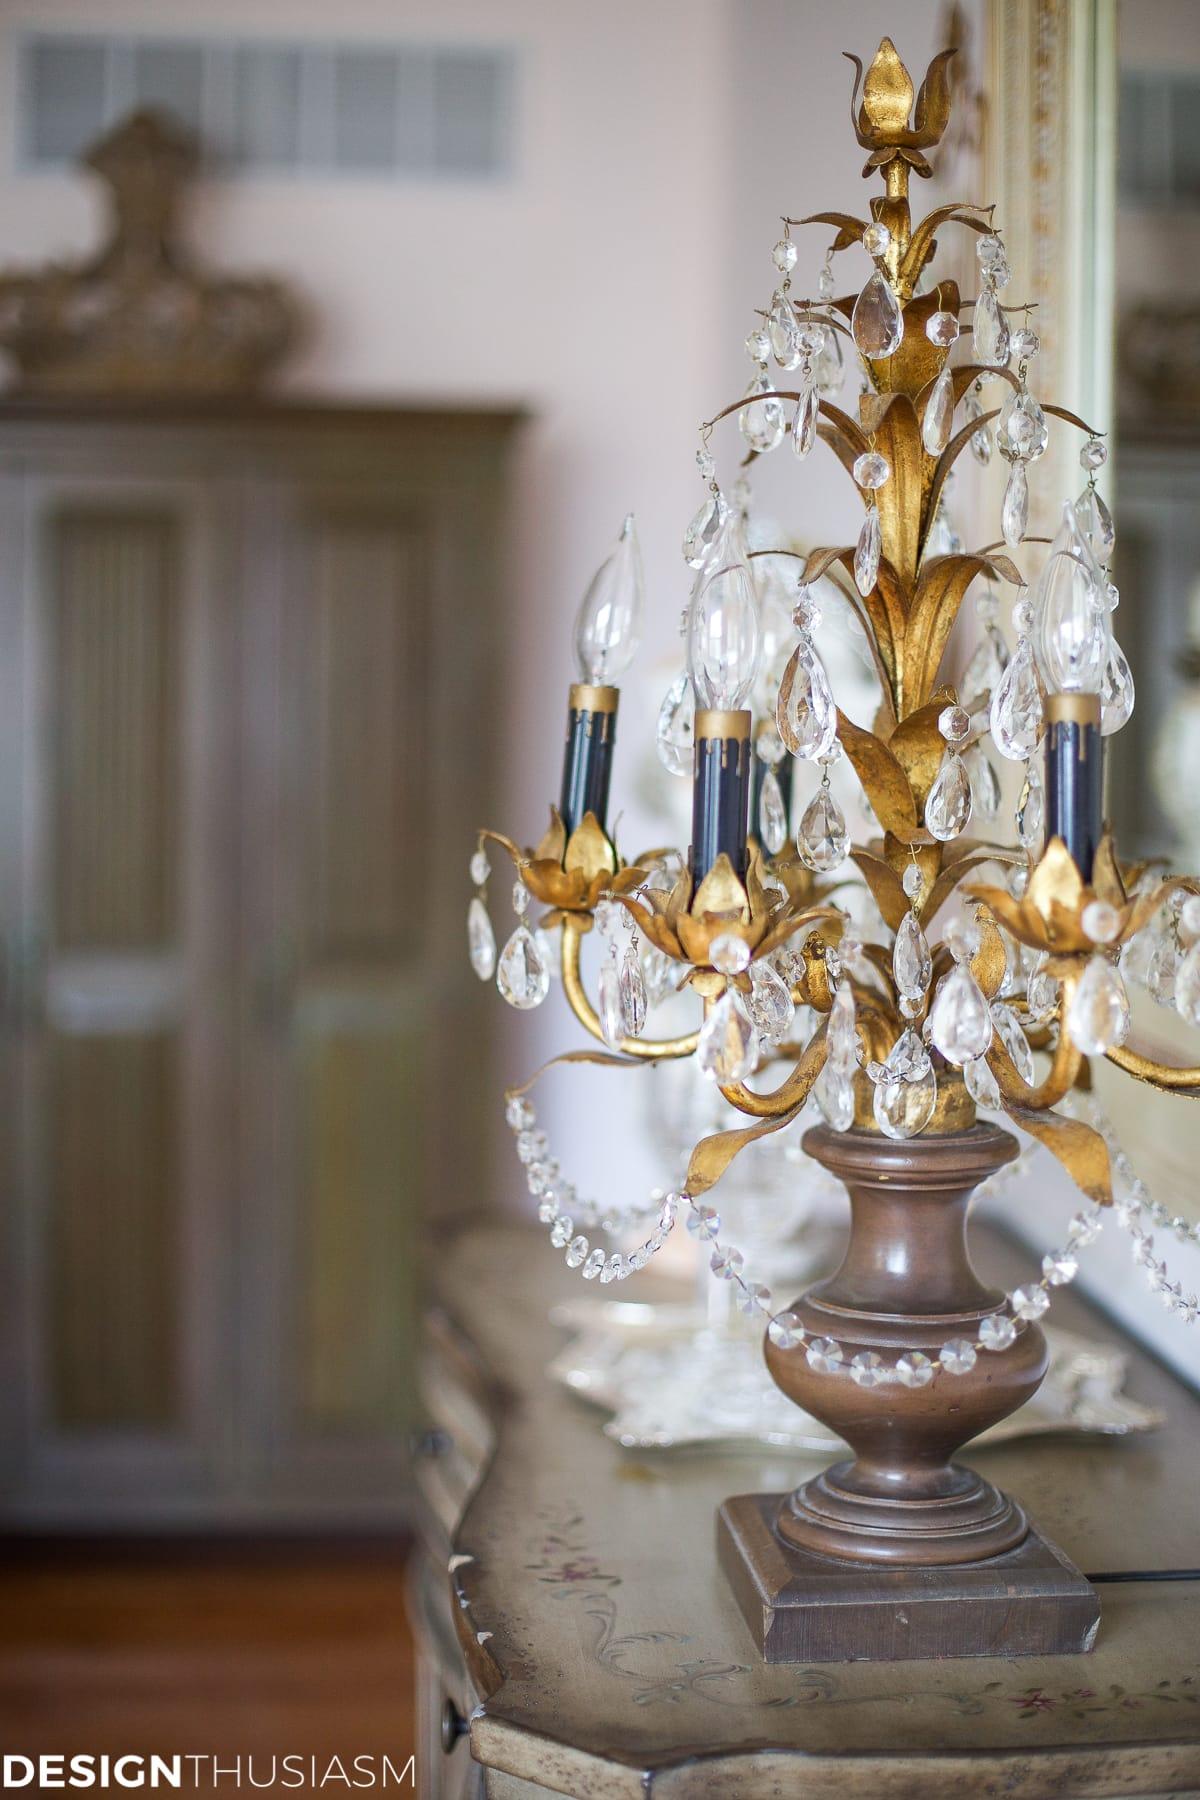 Elegant dining rooms | vintage crystal candelabra | Designthusiasm.com